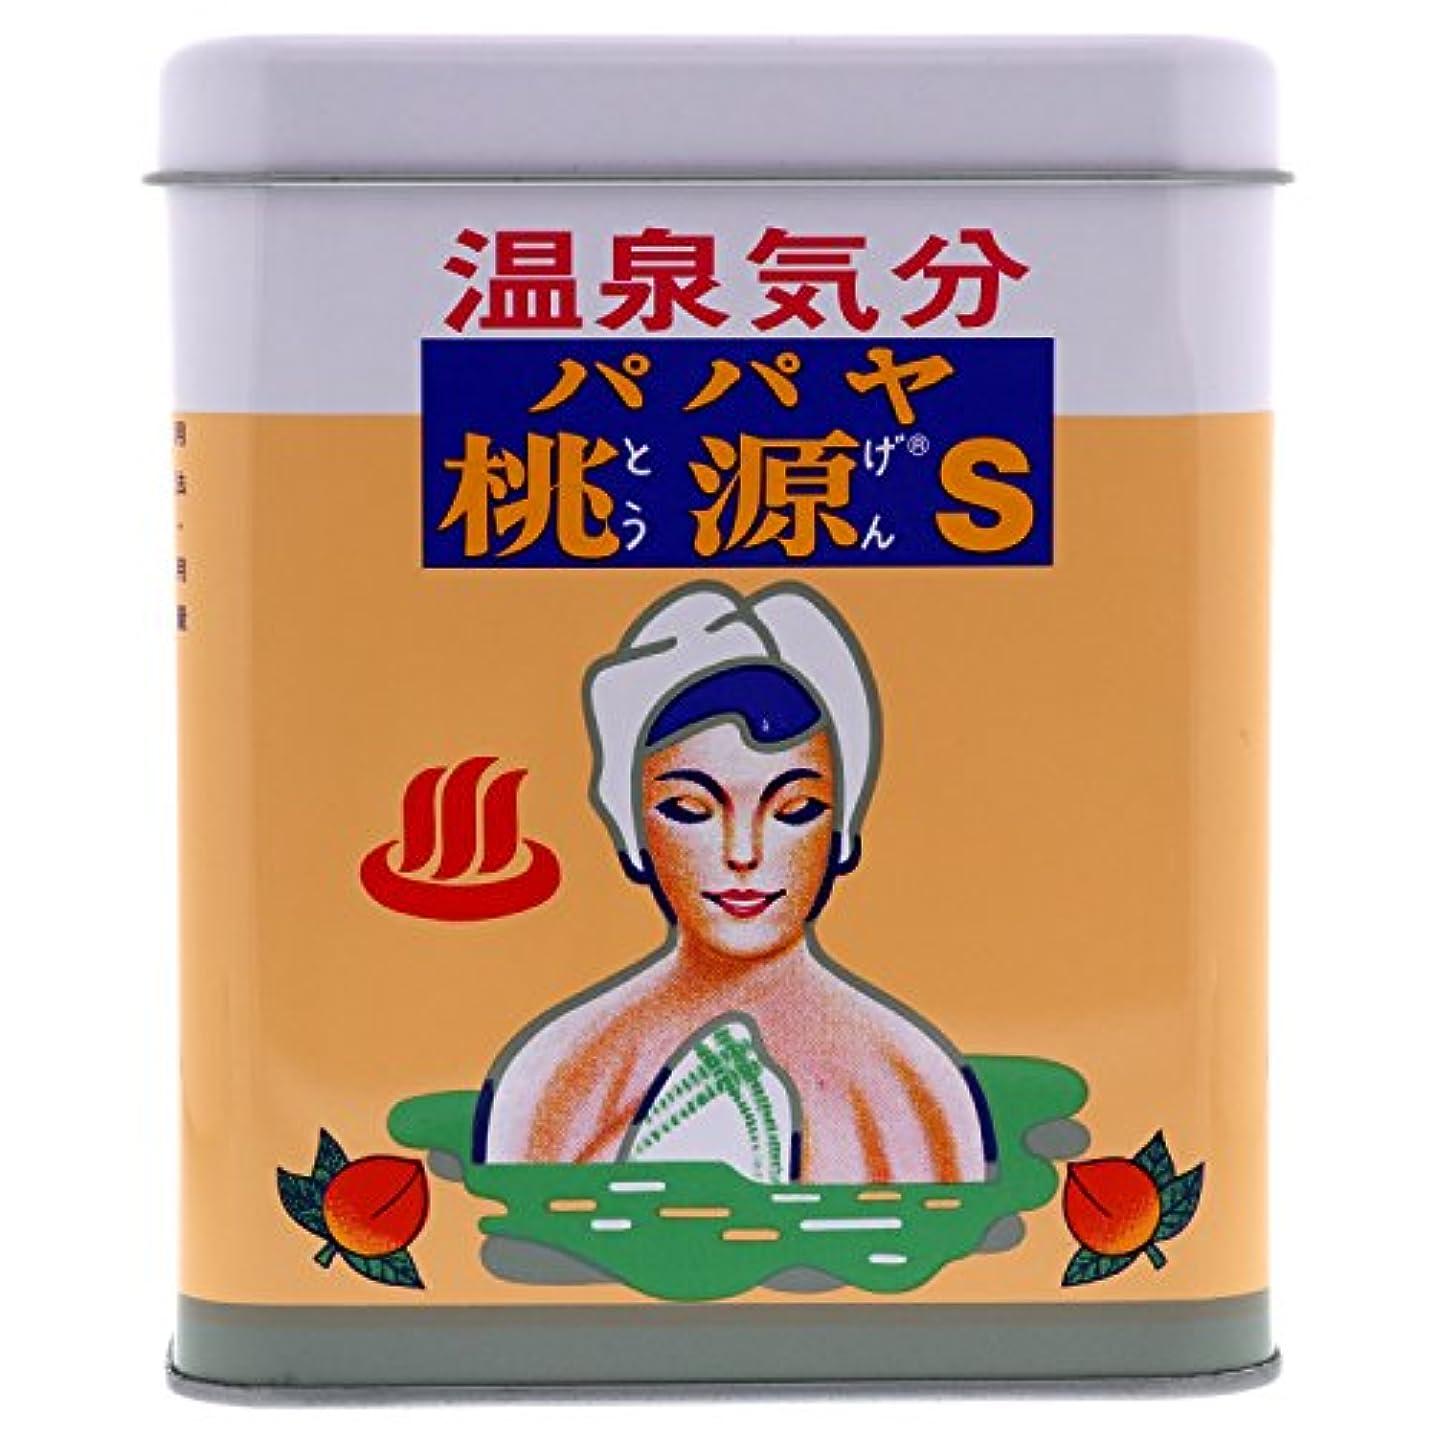 失狂う正当化するパパヤ桃源S 700g 缶 [医薬部外品]